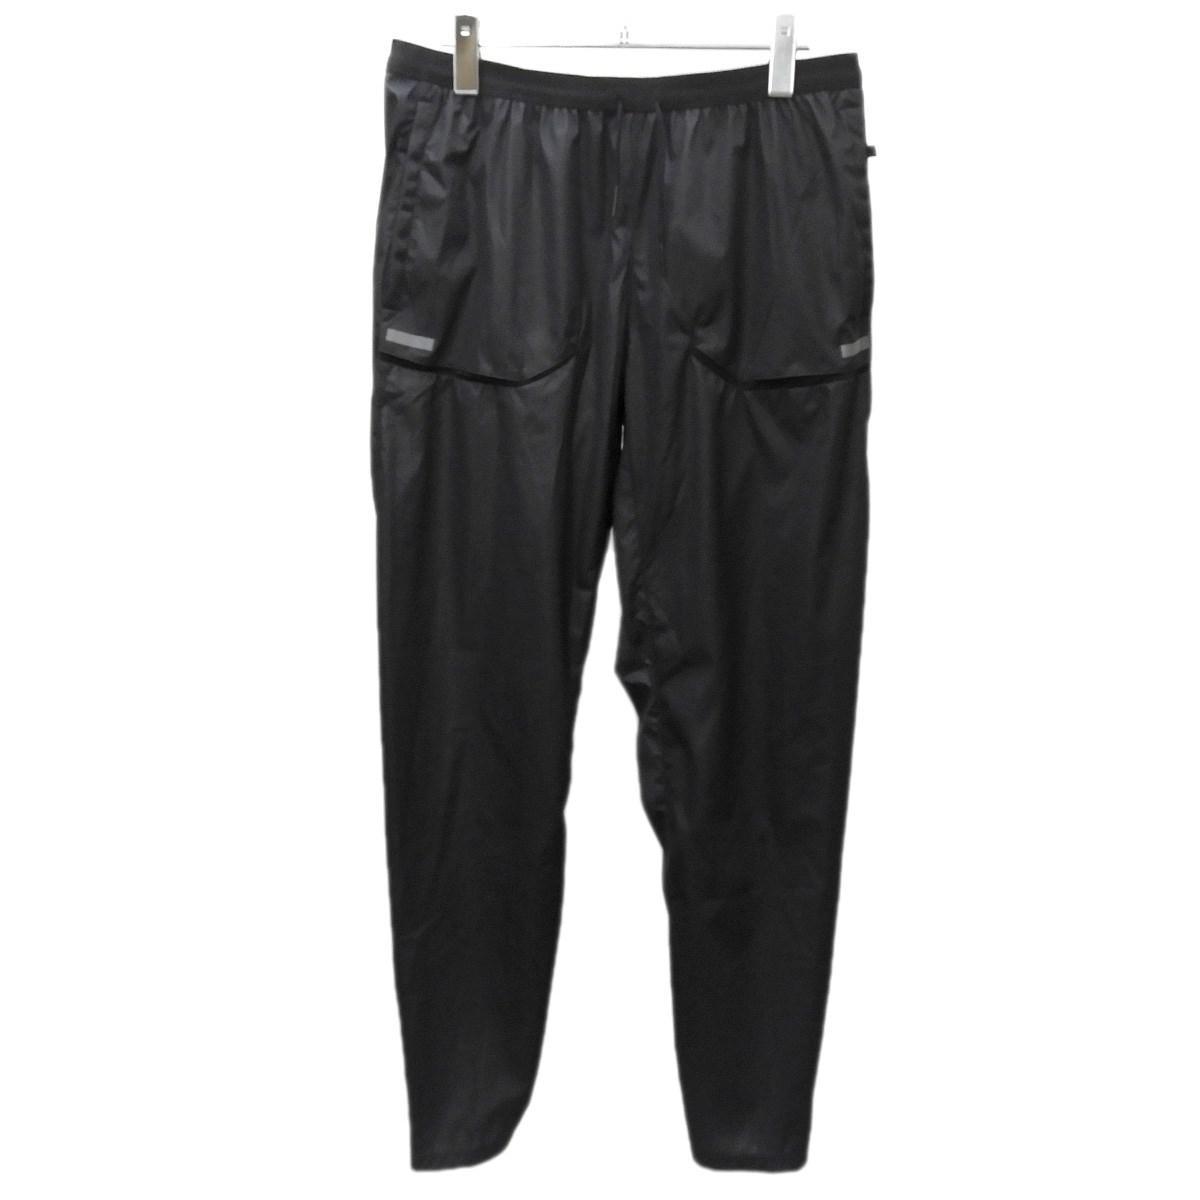 【中古】NIKE テックパックランニングパンツ ブラック サイズ:M 【220320】(ナイキ)